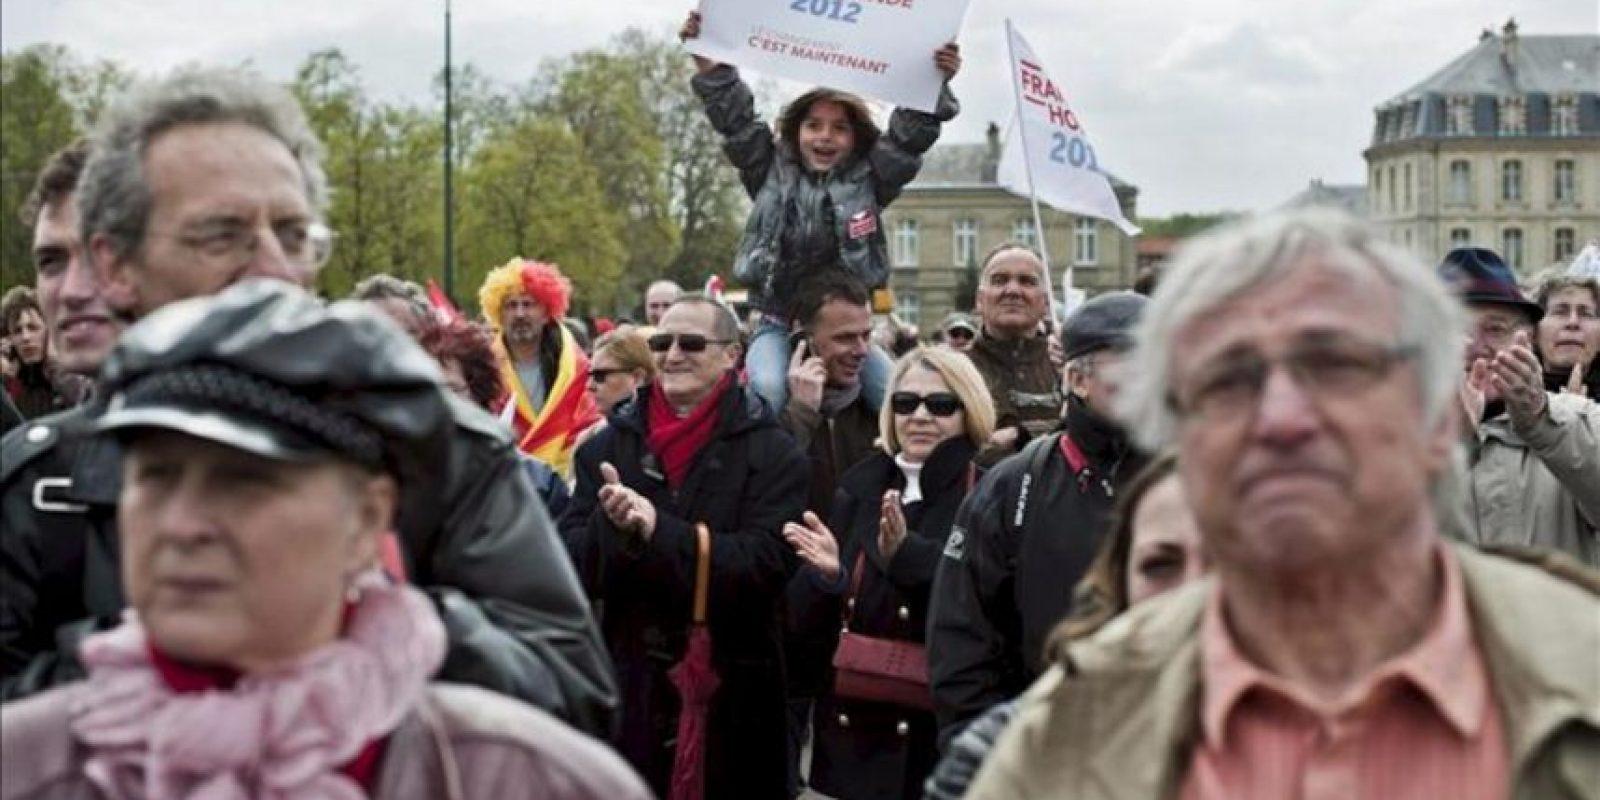 Seguidores del candidato del Partido Socialista Francés (PS) a las elecciones presidenciales de 2012, Francois Hollande (fuera de la foto), escuchan su discurso en un mitin celebrado en el Chateu de Vincennes, cerca de París, hoy. EFE